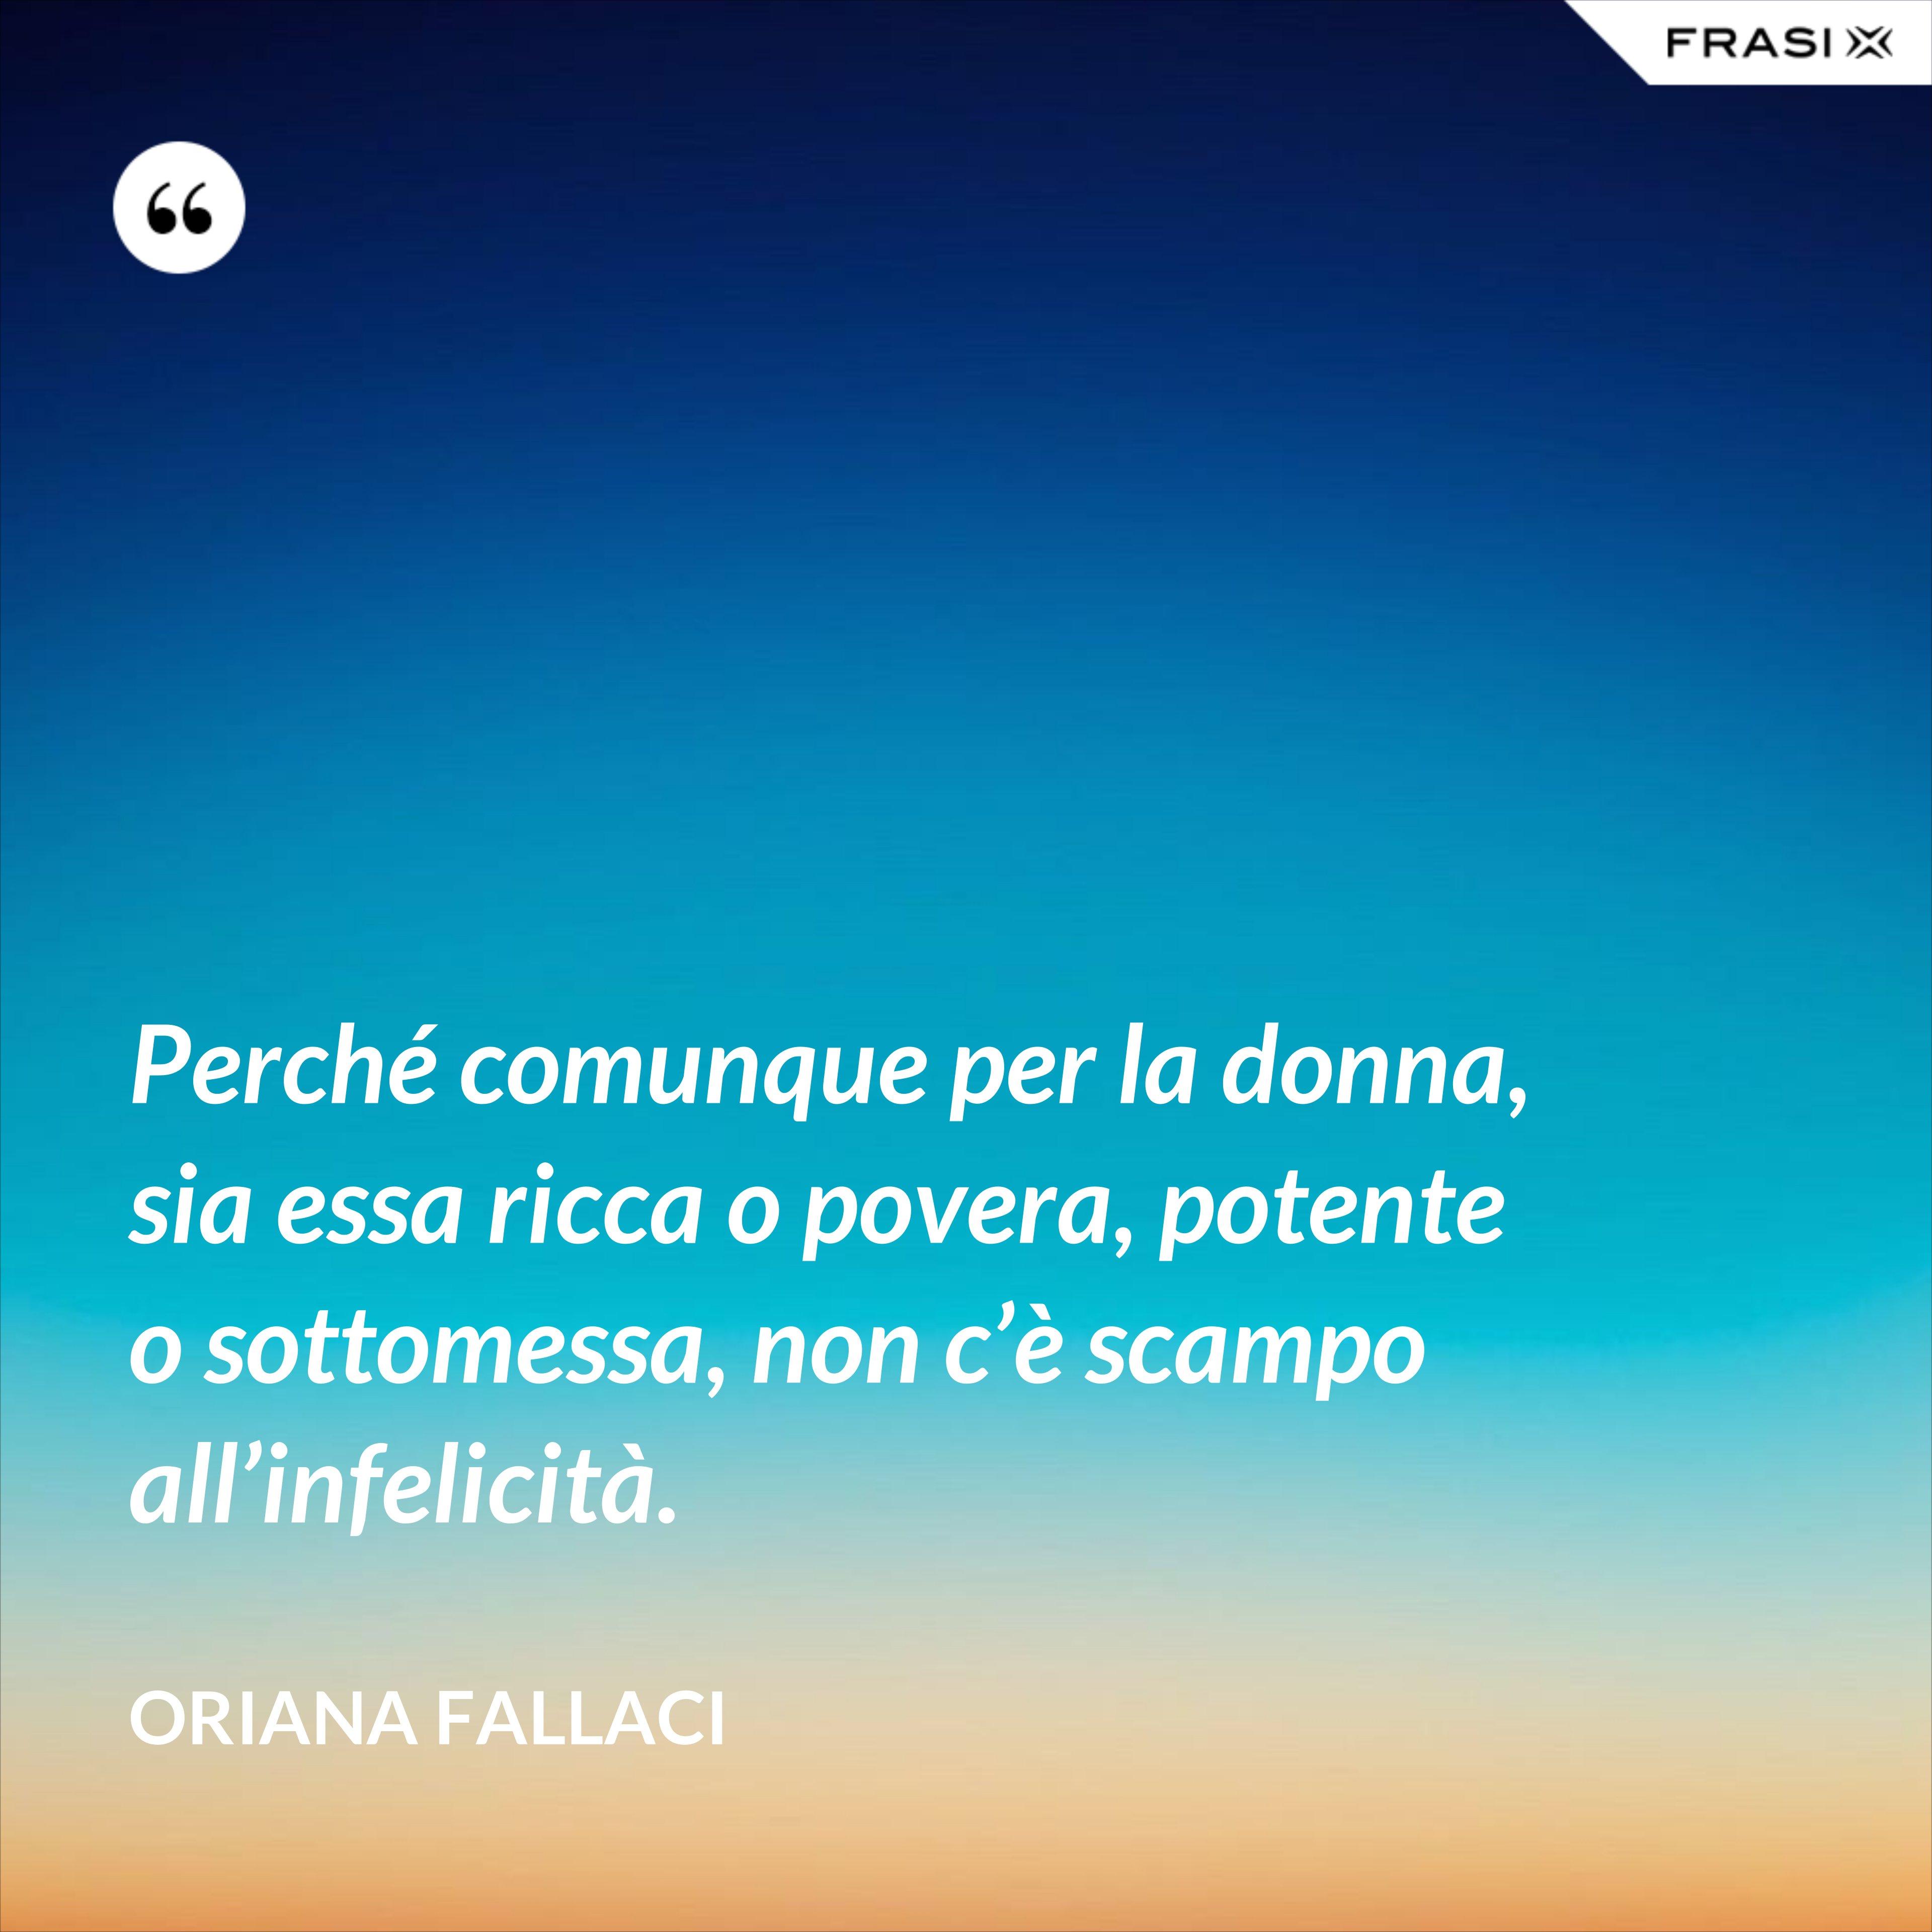 Perché comunque per la donna, sia essa ricca o povera, potente o sottomessa, non c'è scampo all'infelicità. - Oriana Fallaci